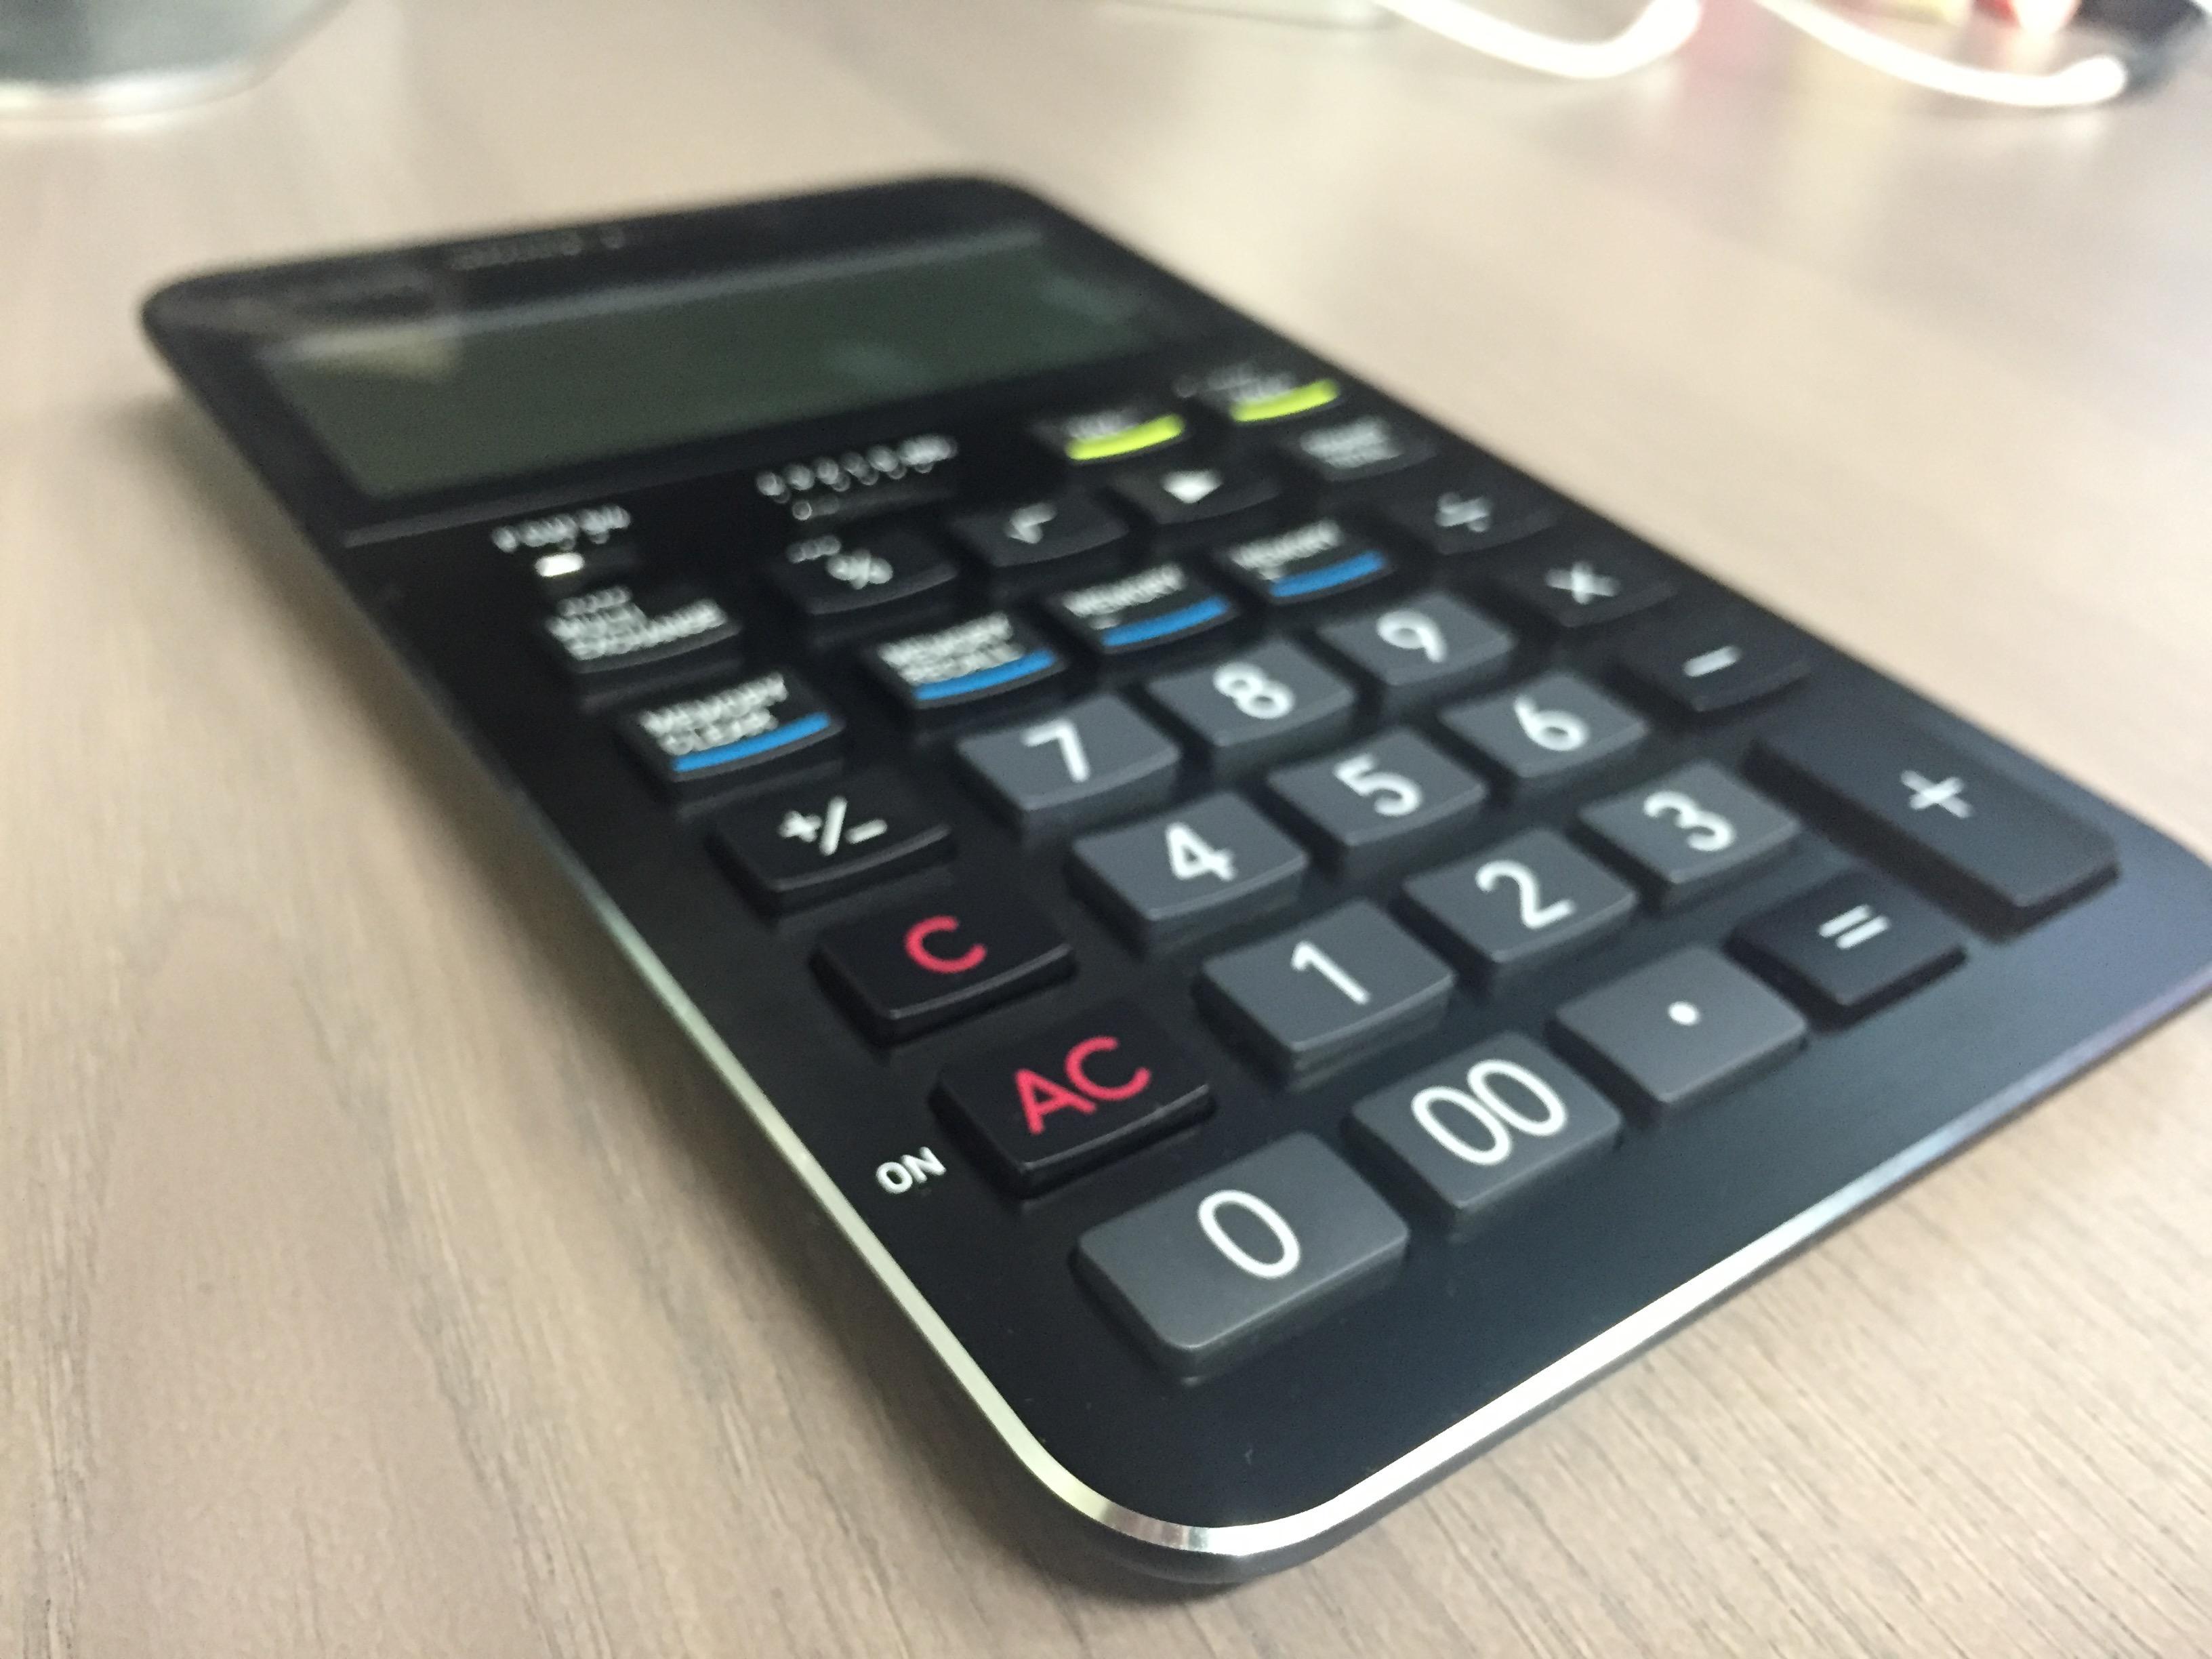 カシオの電卓、S100をプレゼントされた